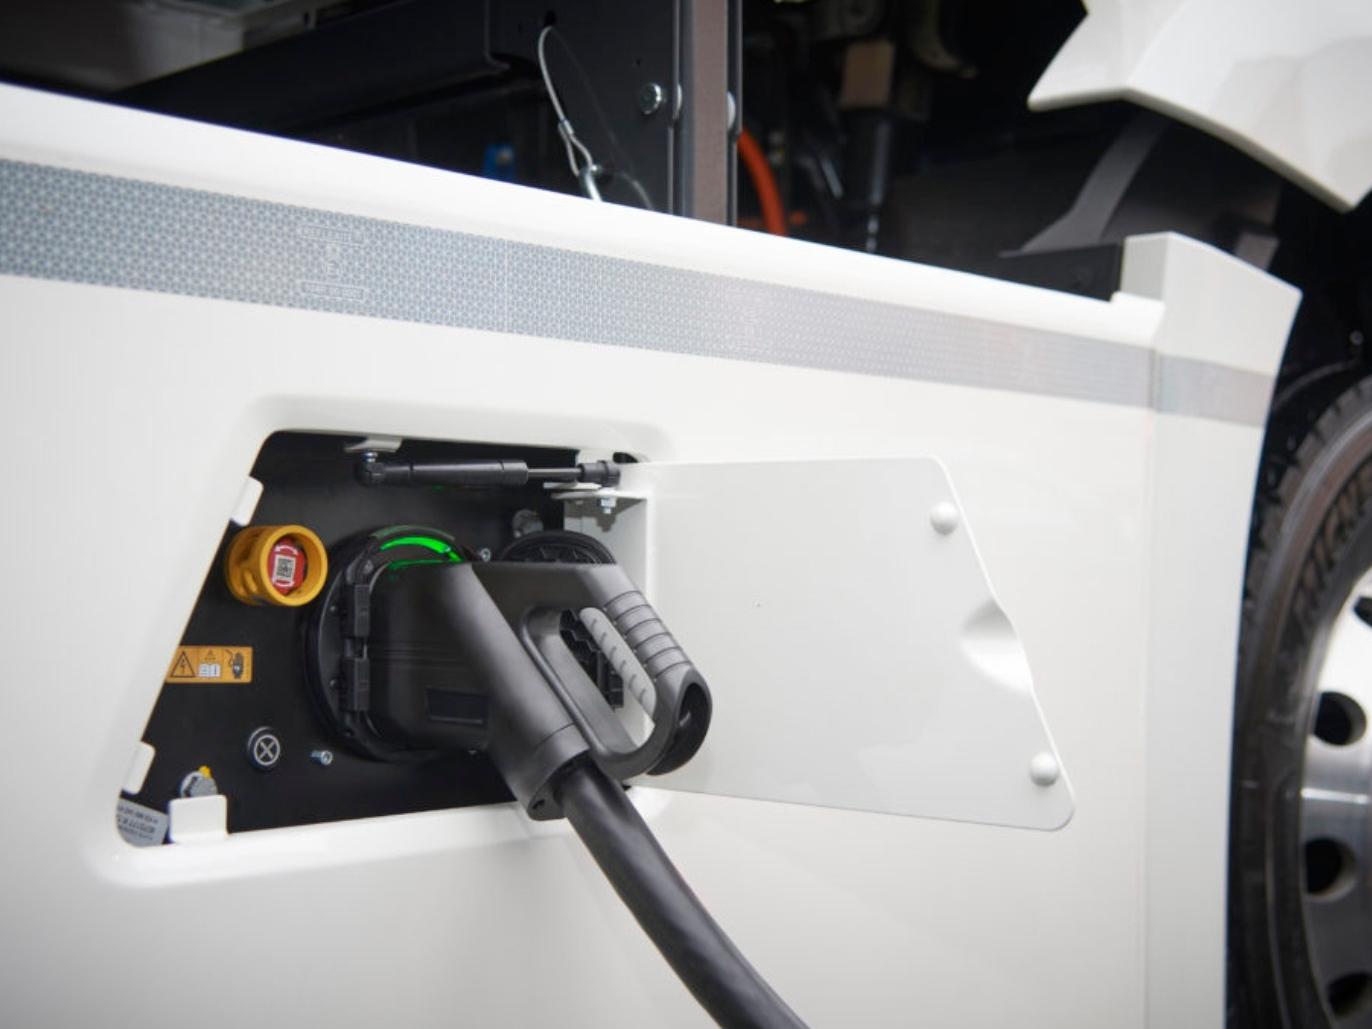 Leuk die elektrische trucks, maar hoe zit het met het elektriciteitsnet?